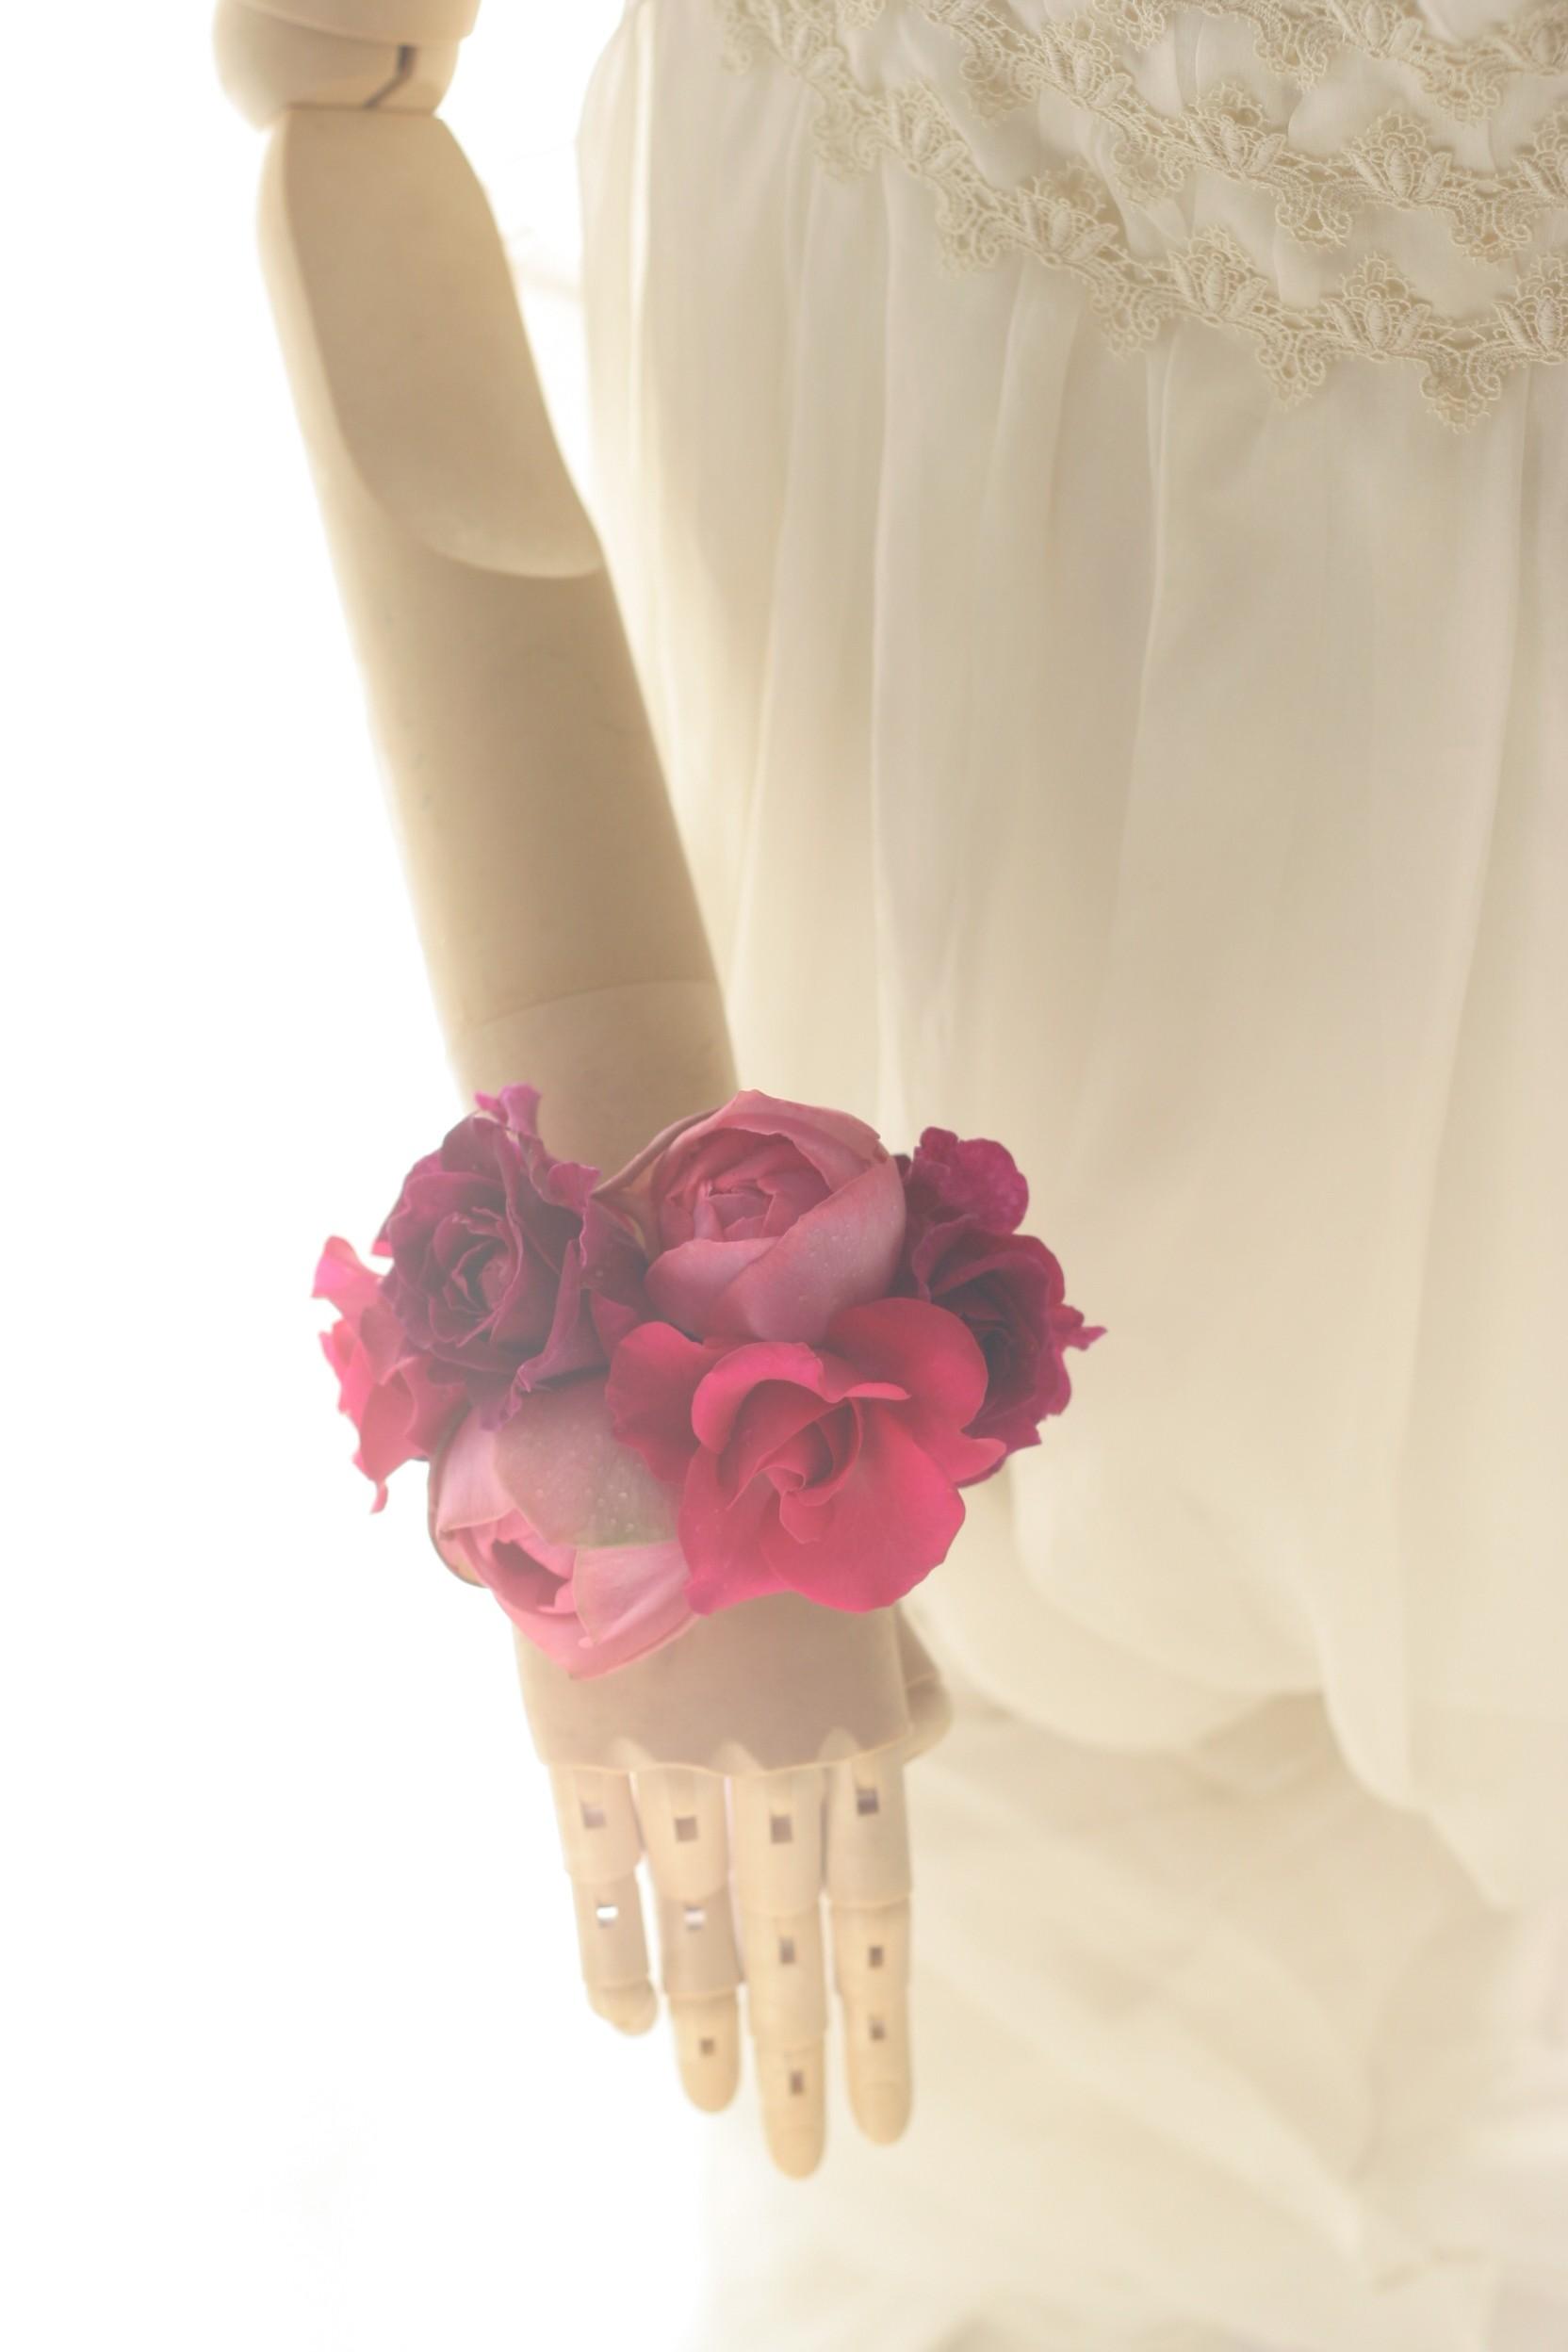 ダウンスタイルの花のヘッドドレスとリストブーケ 目黒雅叙園様へ_a0042928_2394944.jpg